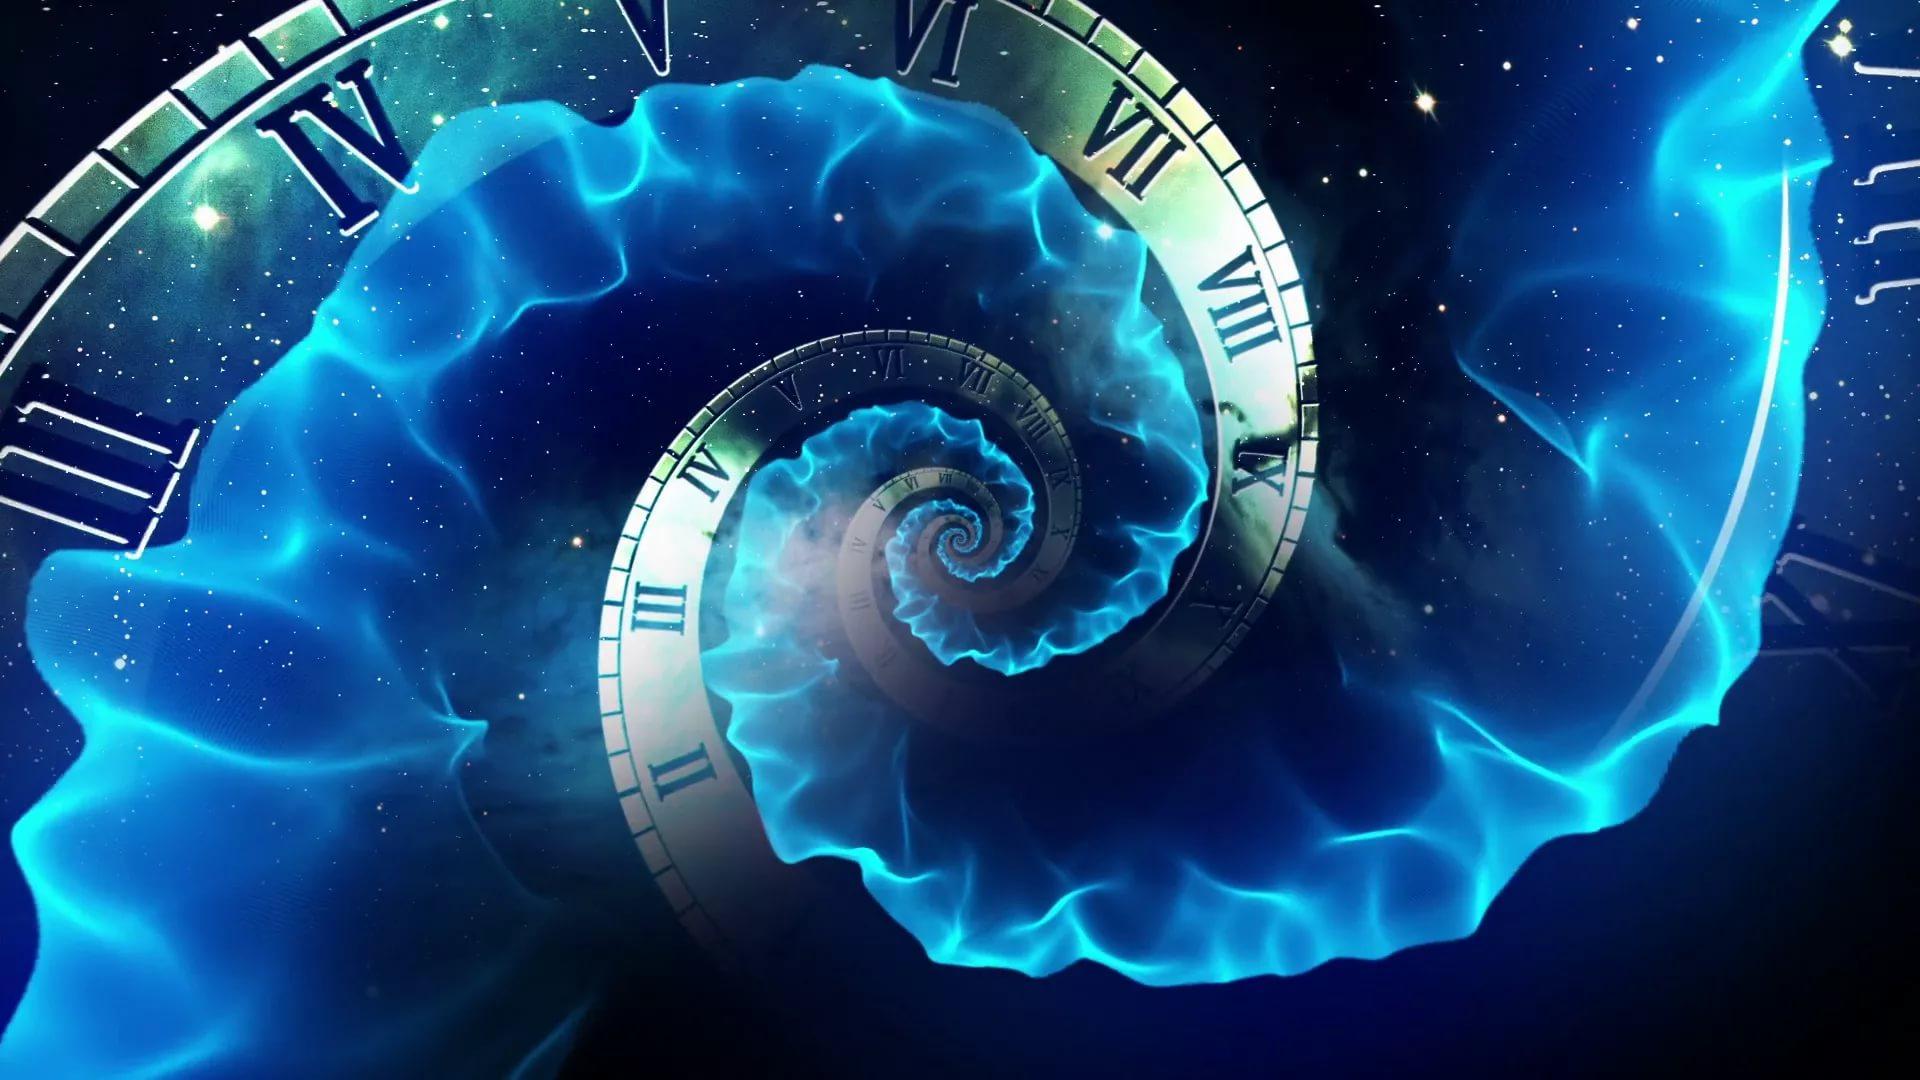 Анимация путешествие во времени